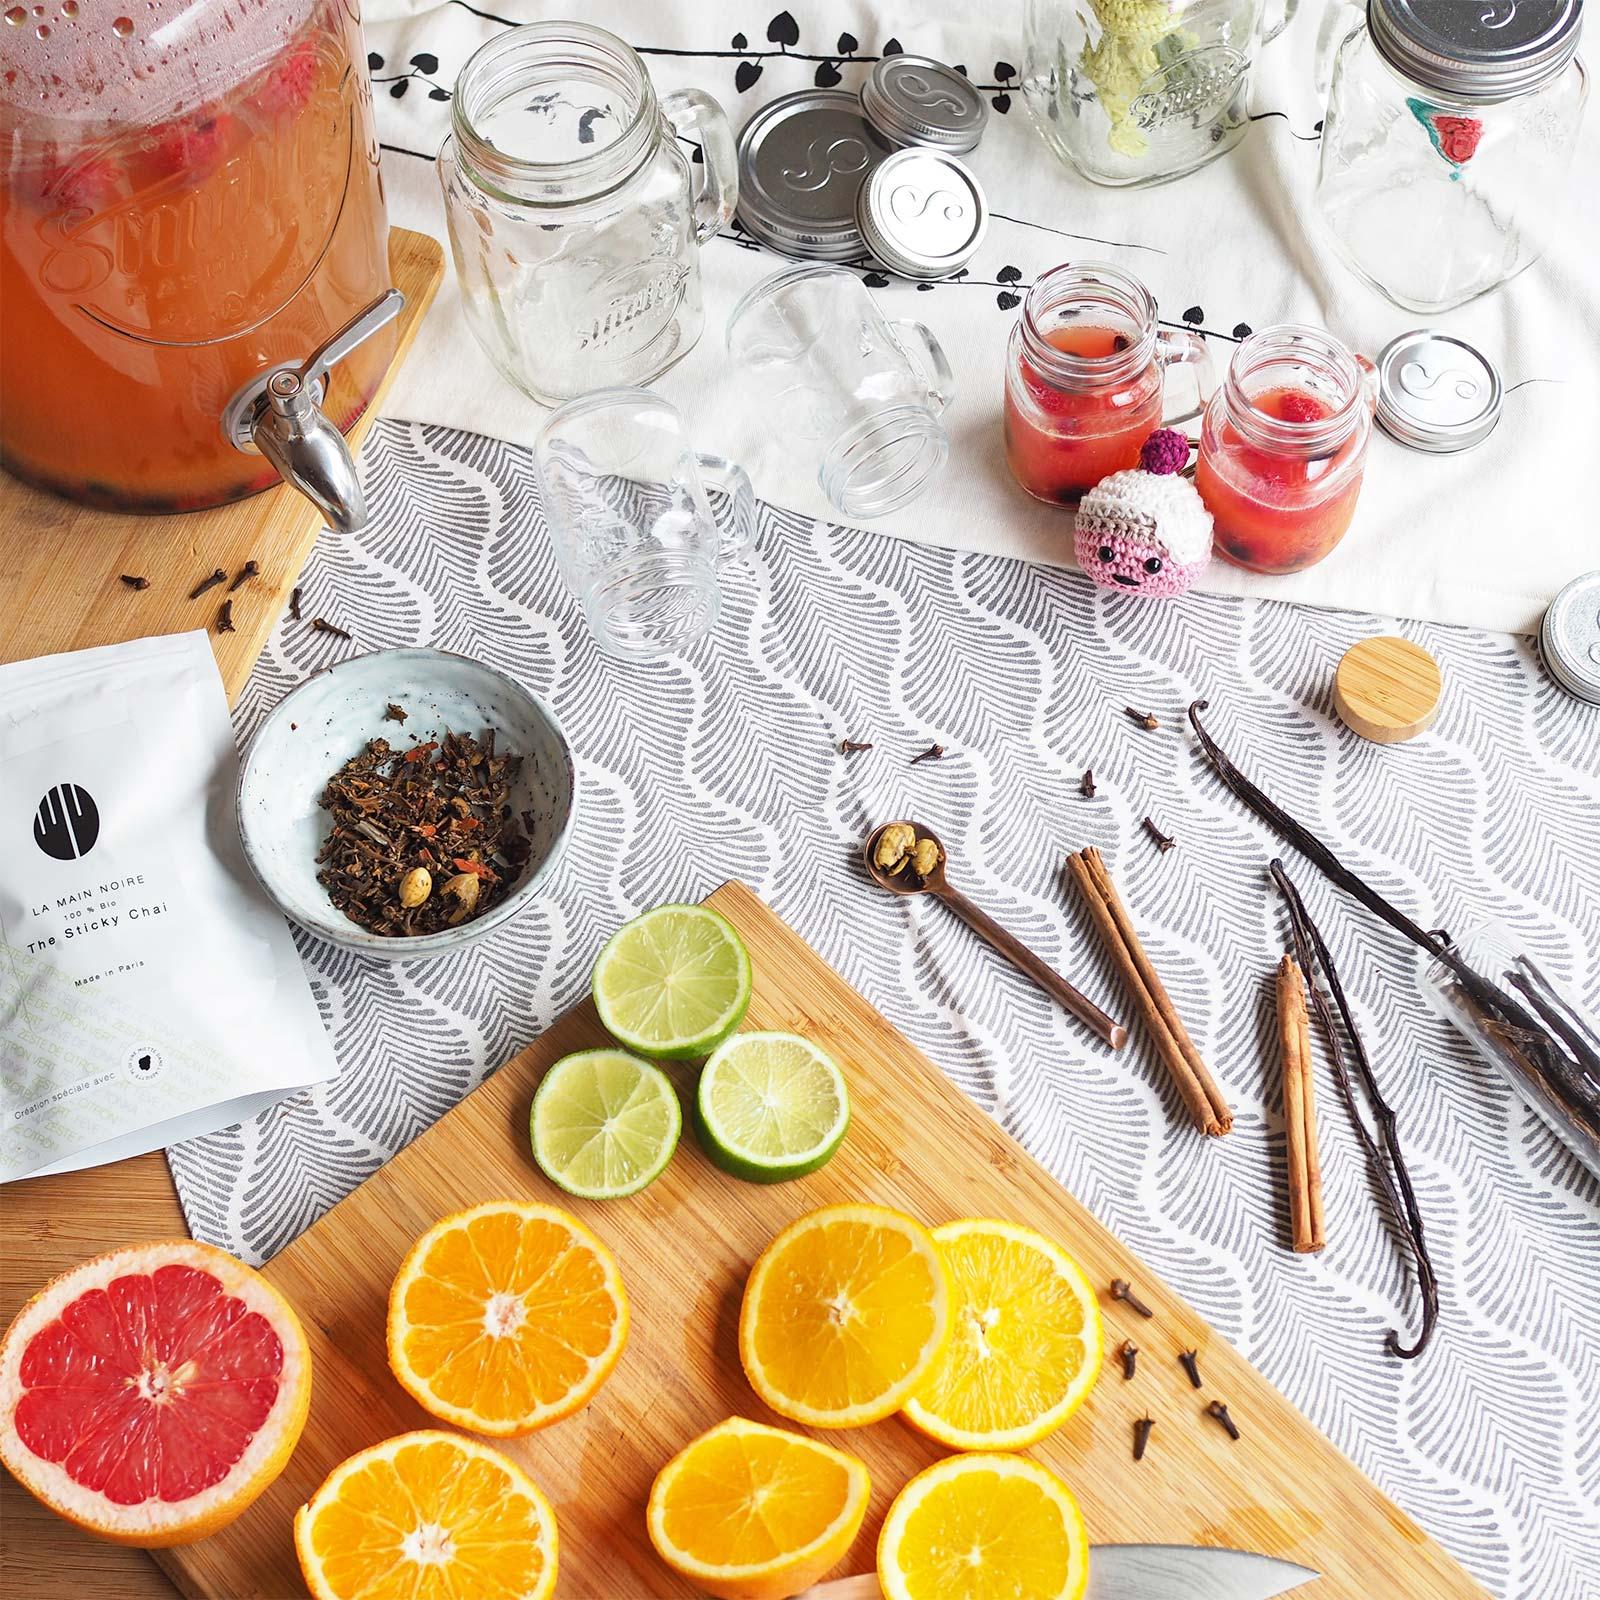 recette boisson agrumes sticky chaï original la main noire Paris laboutiquedemelimelo